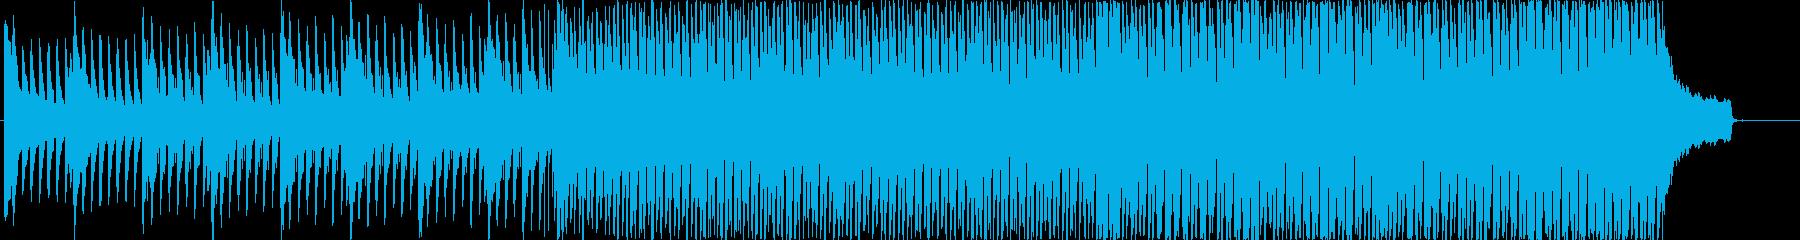 ポジティブな雰囲気の企業VP向けBGMの再生済みの波形